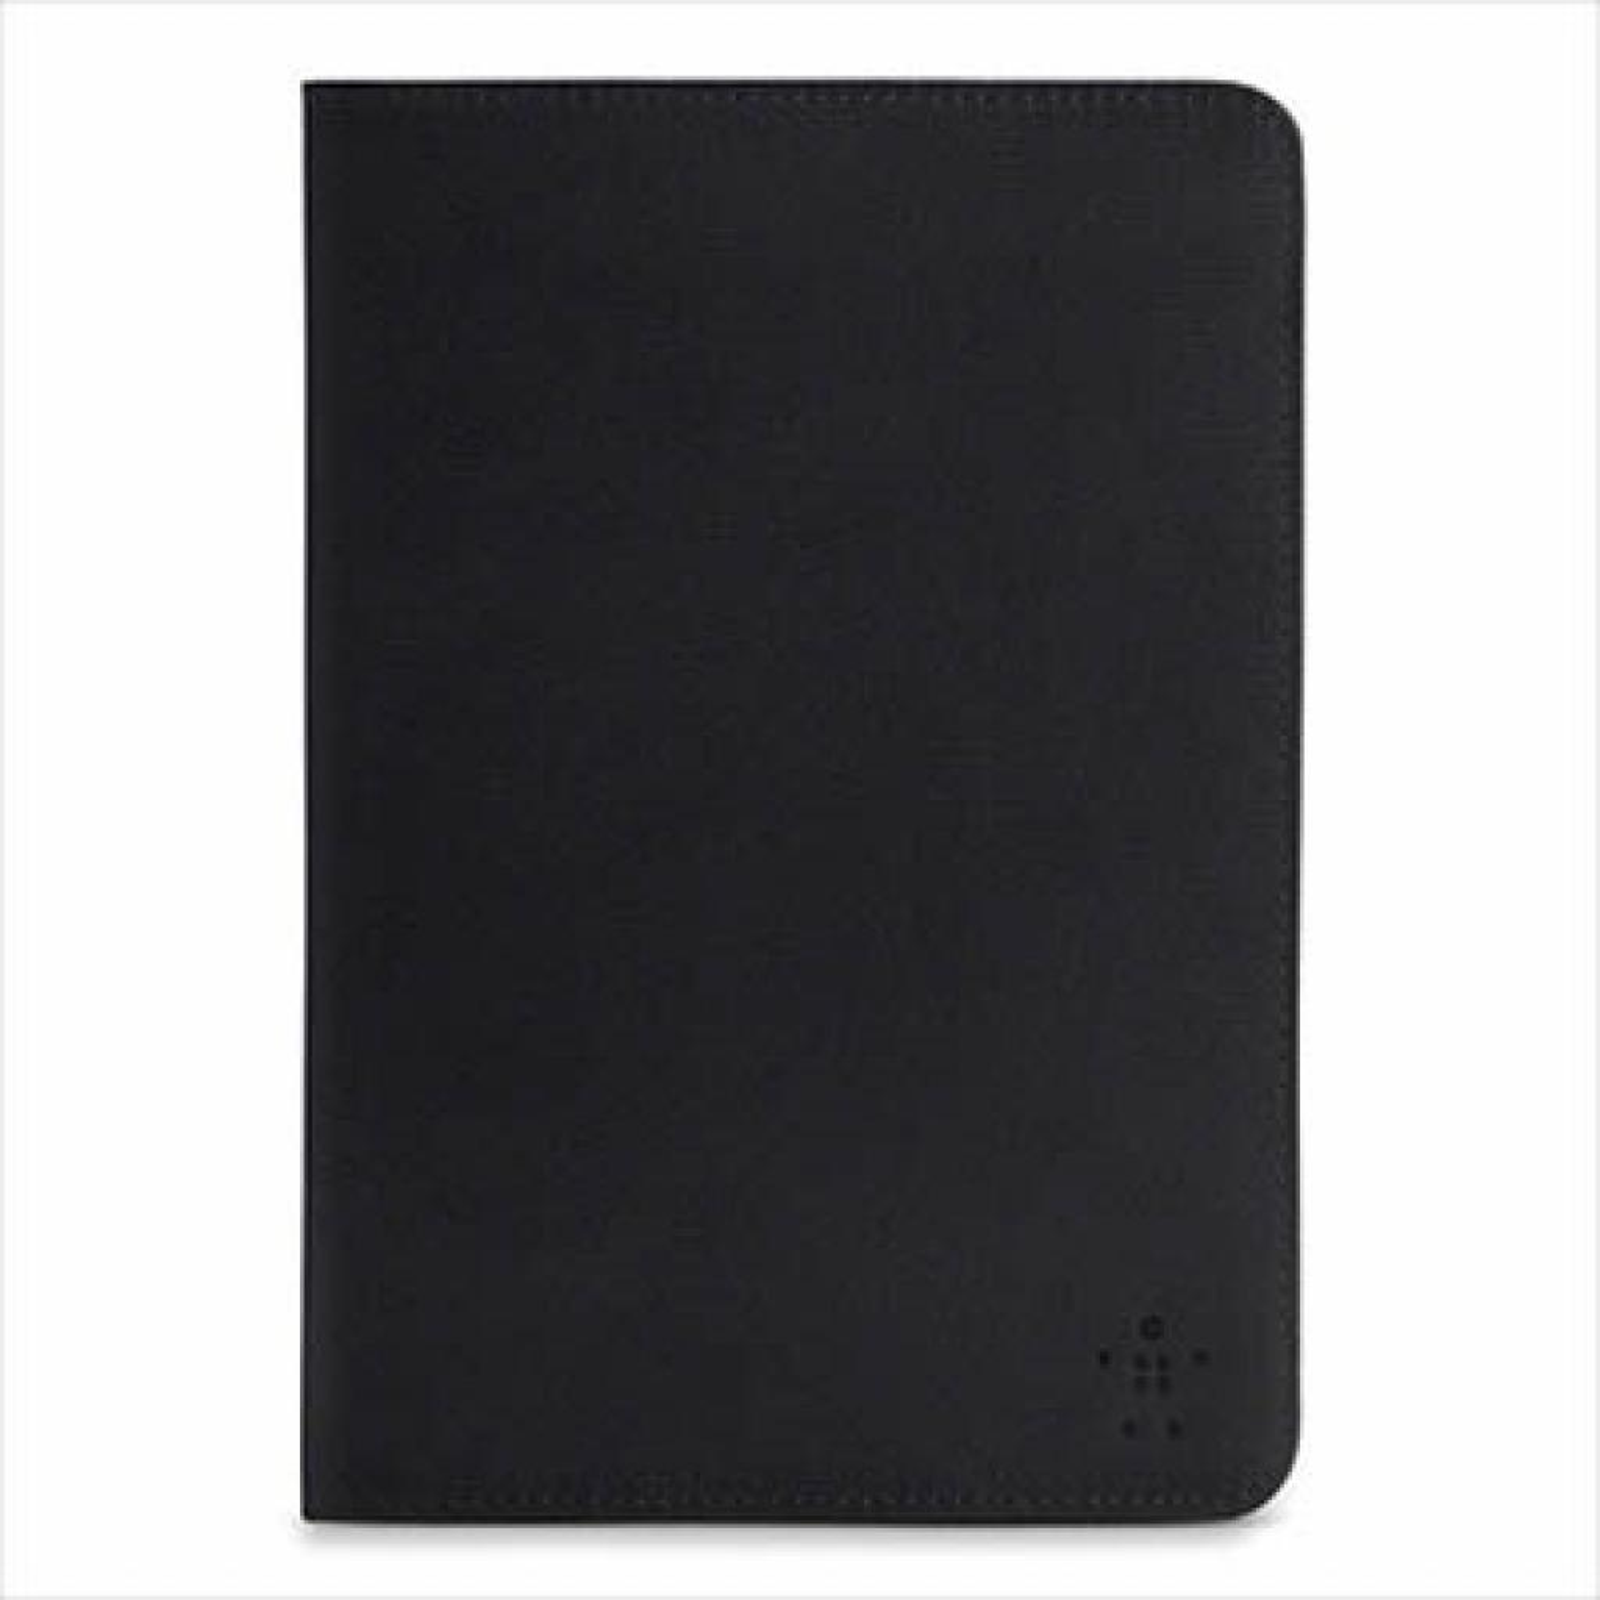 Чехол для планшета Belkin Classic Cover (F7N027vfC00)